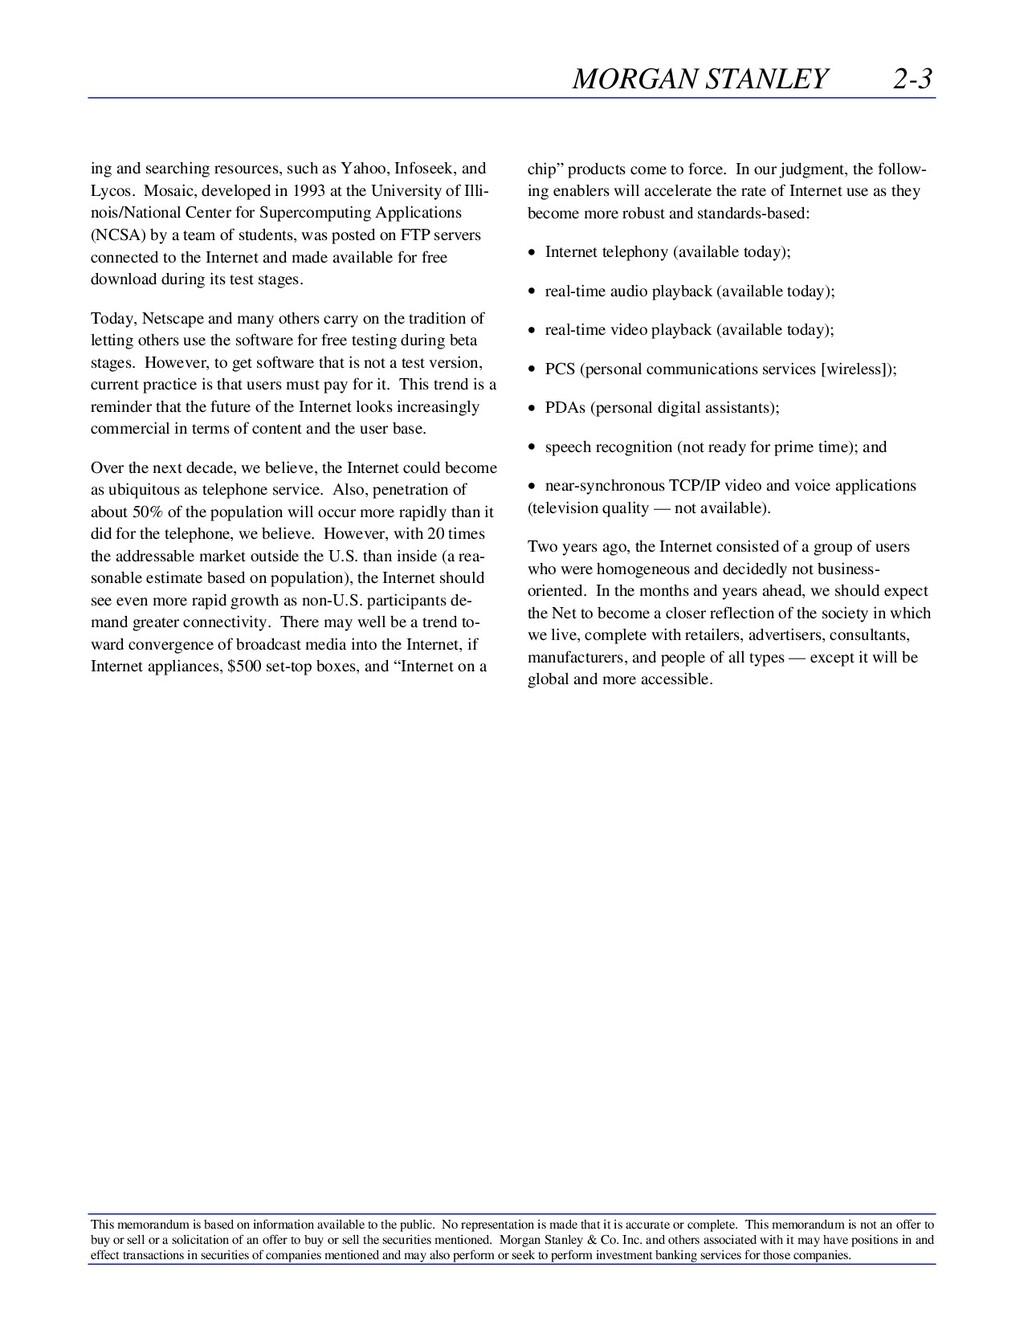 MORGAN STANLEY 2-3 This memorandum is based on ...